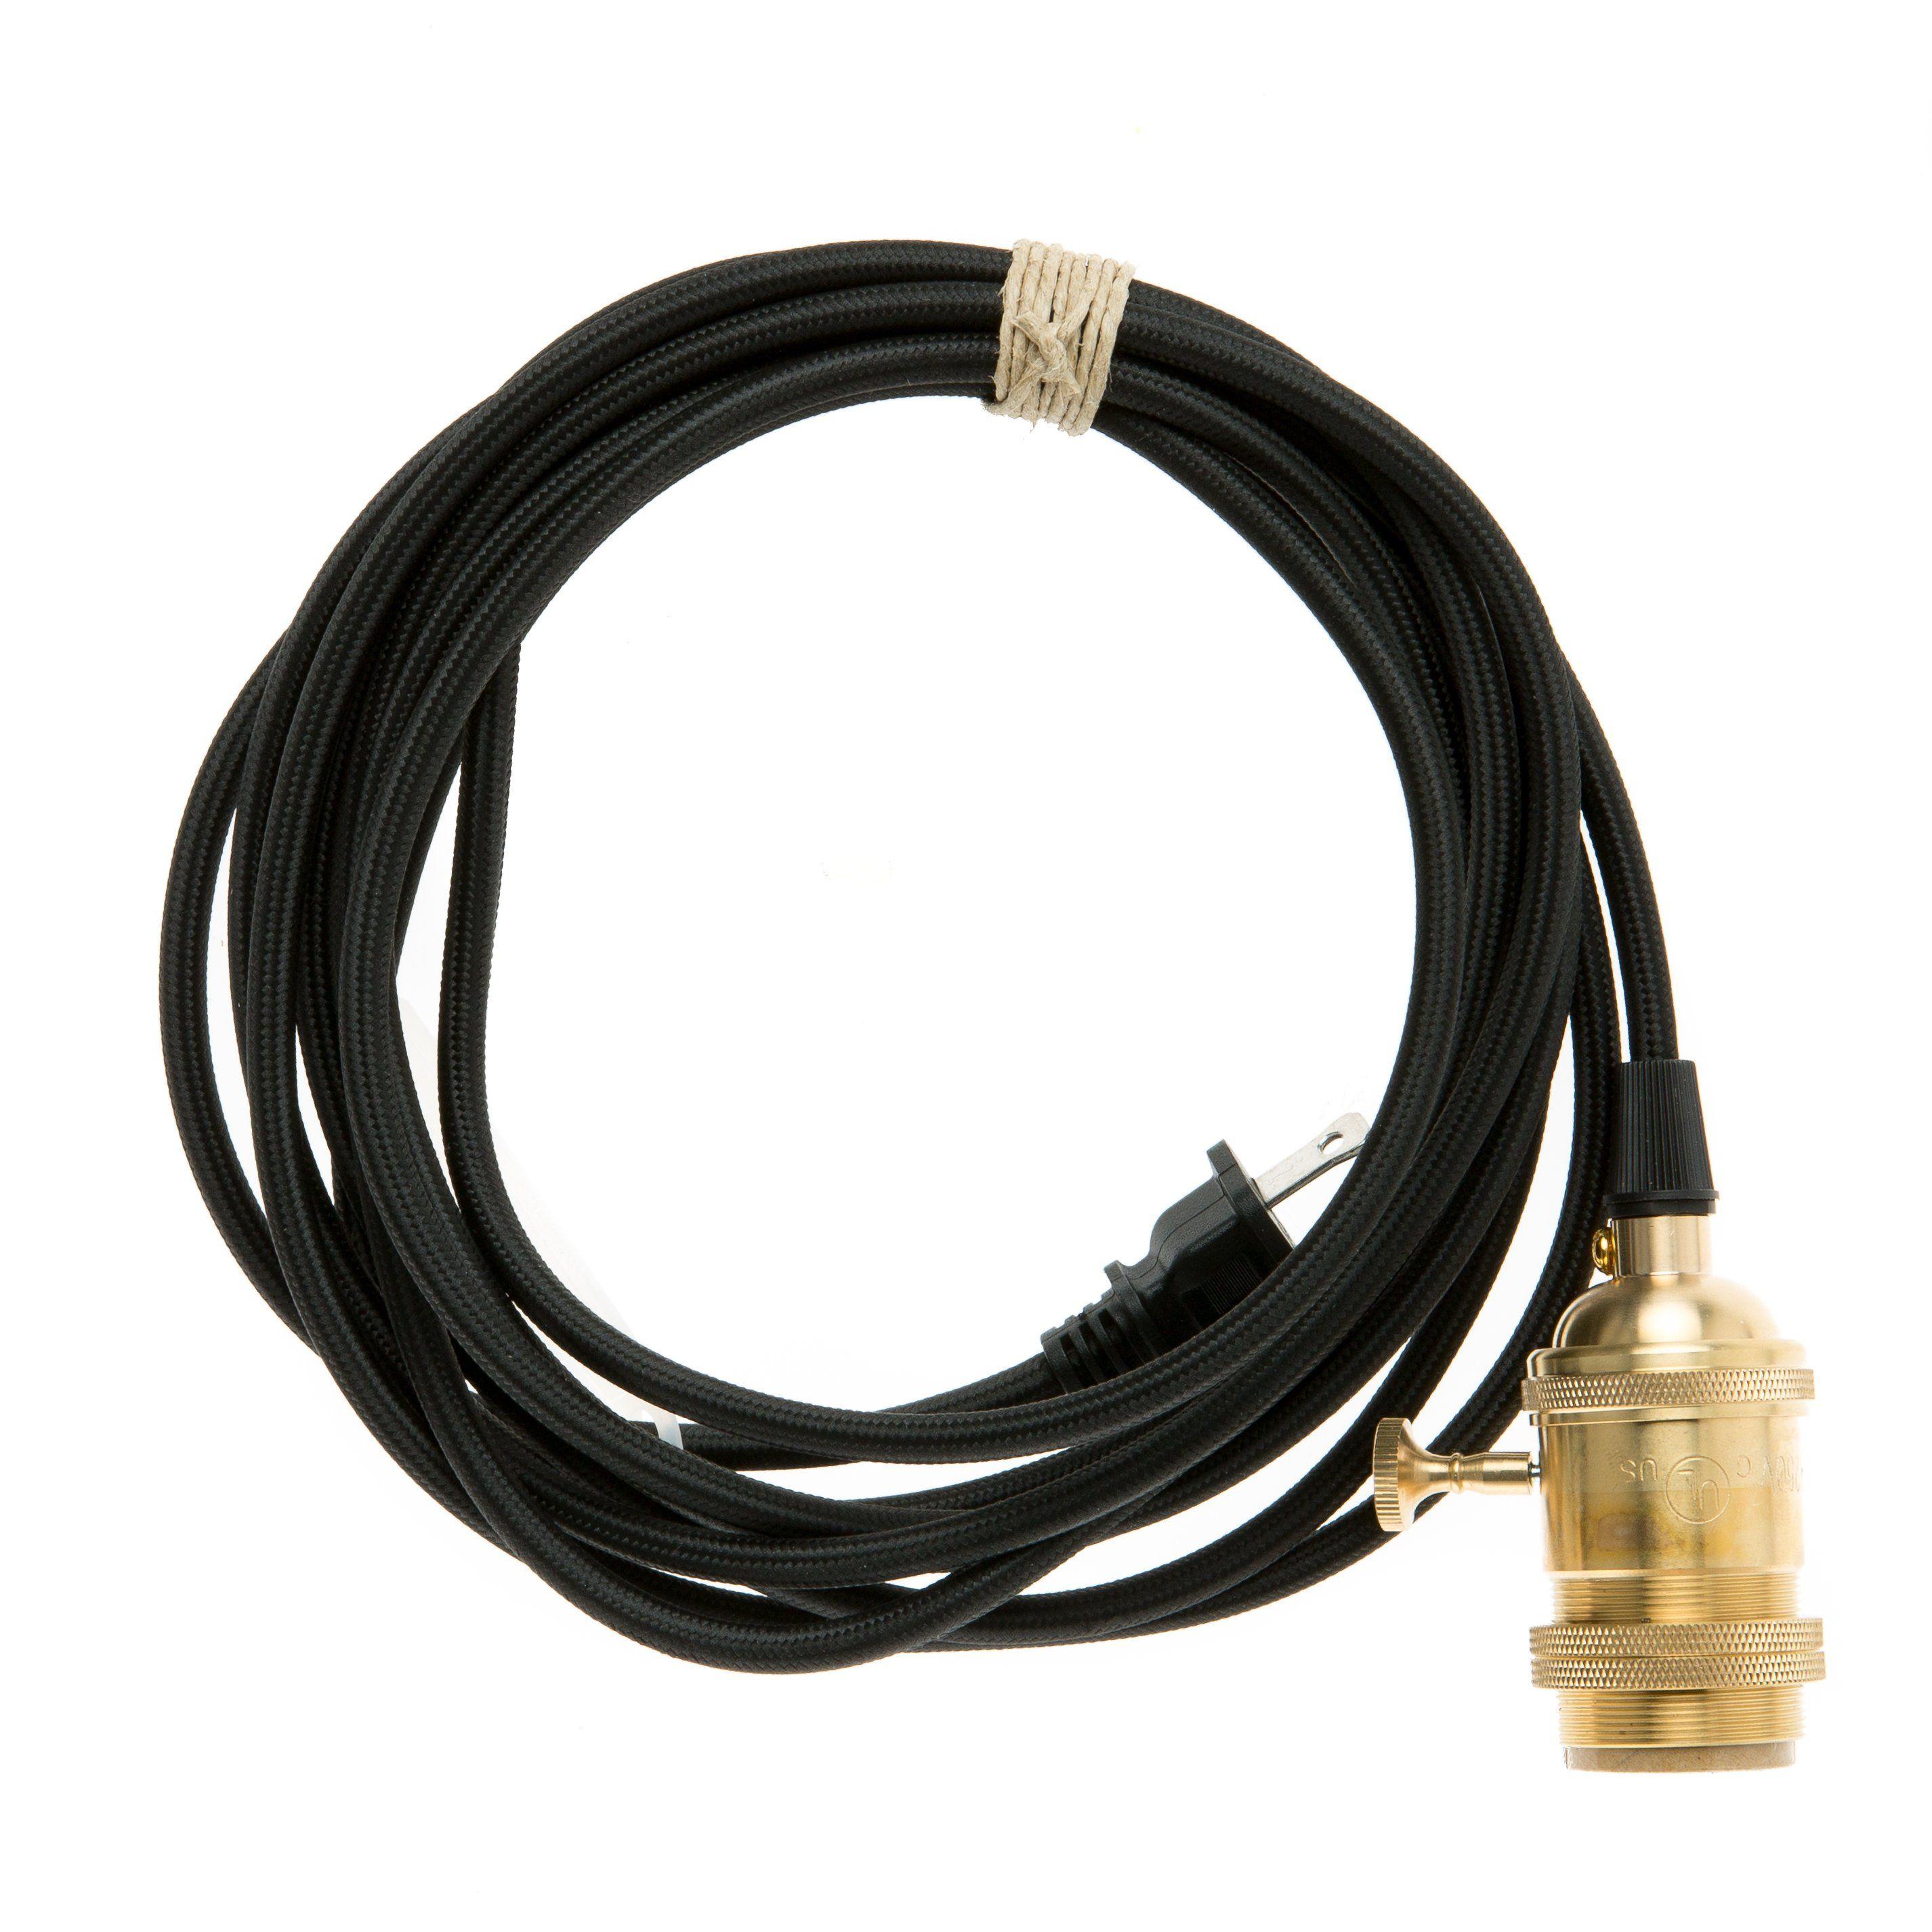 lucas retro pendant light blue a7500. Brass Plug-In Pendant Light Cord Set Lucas Retro Blue A7500